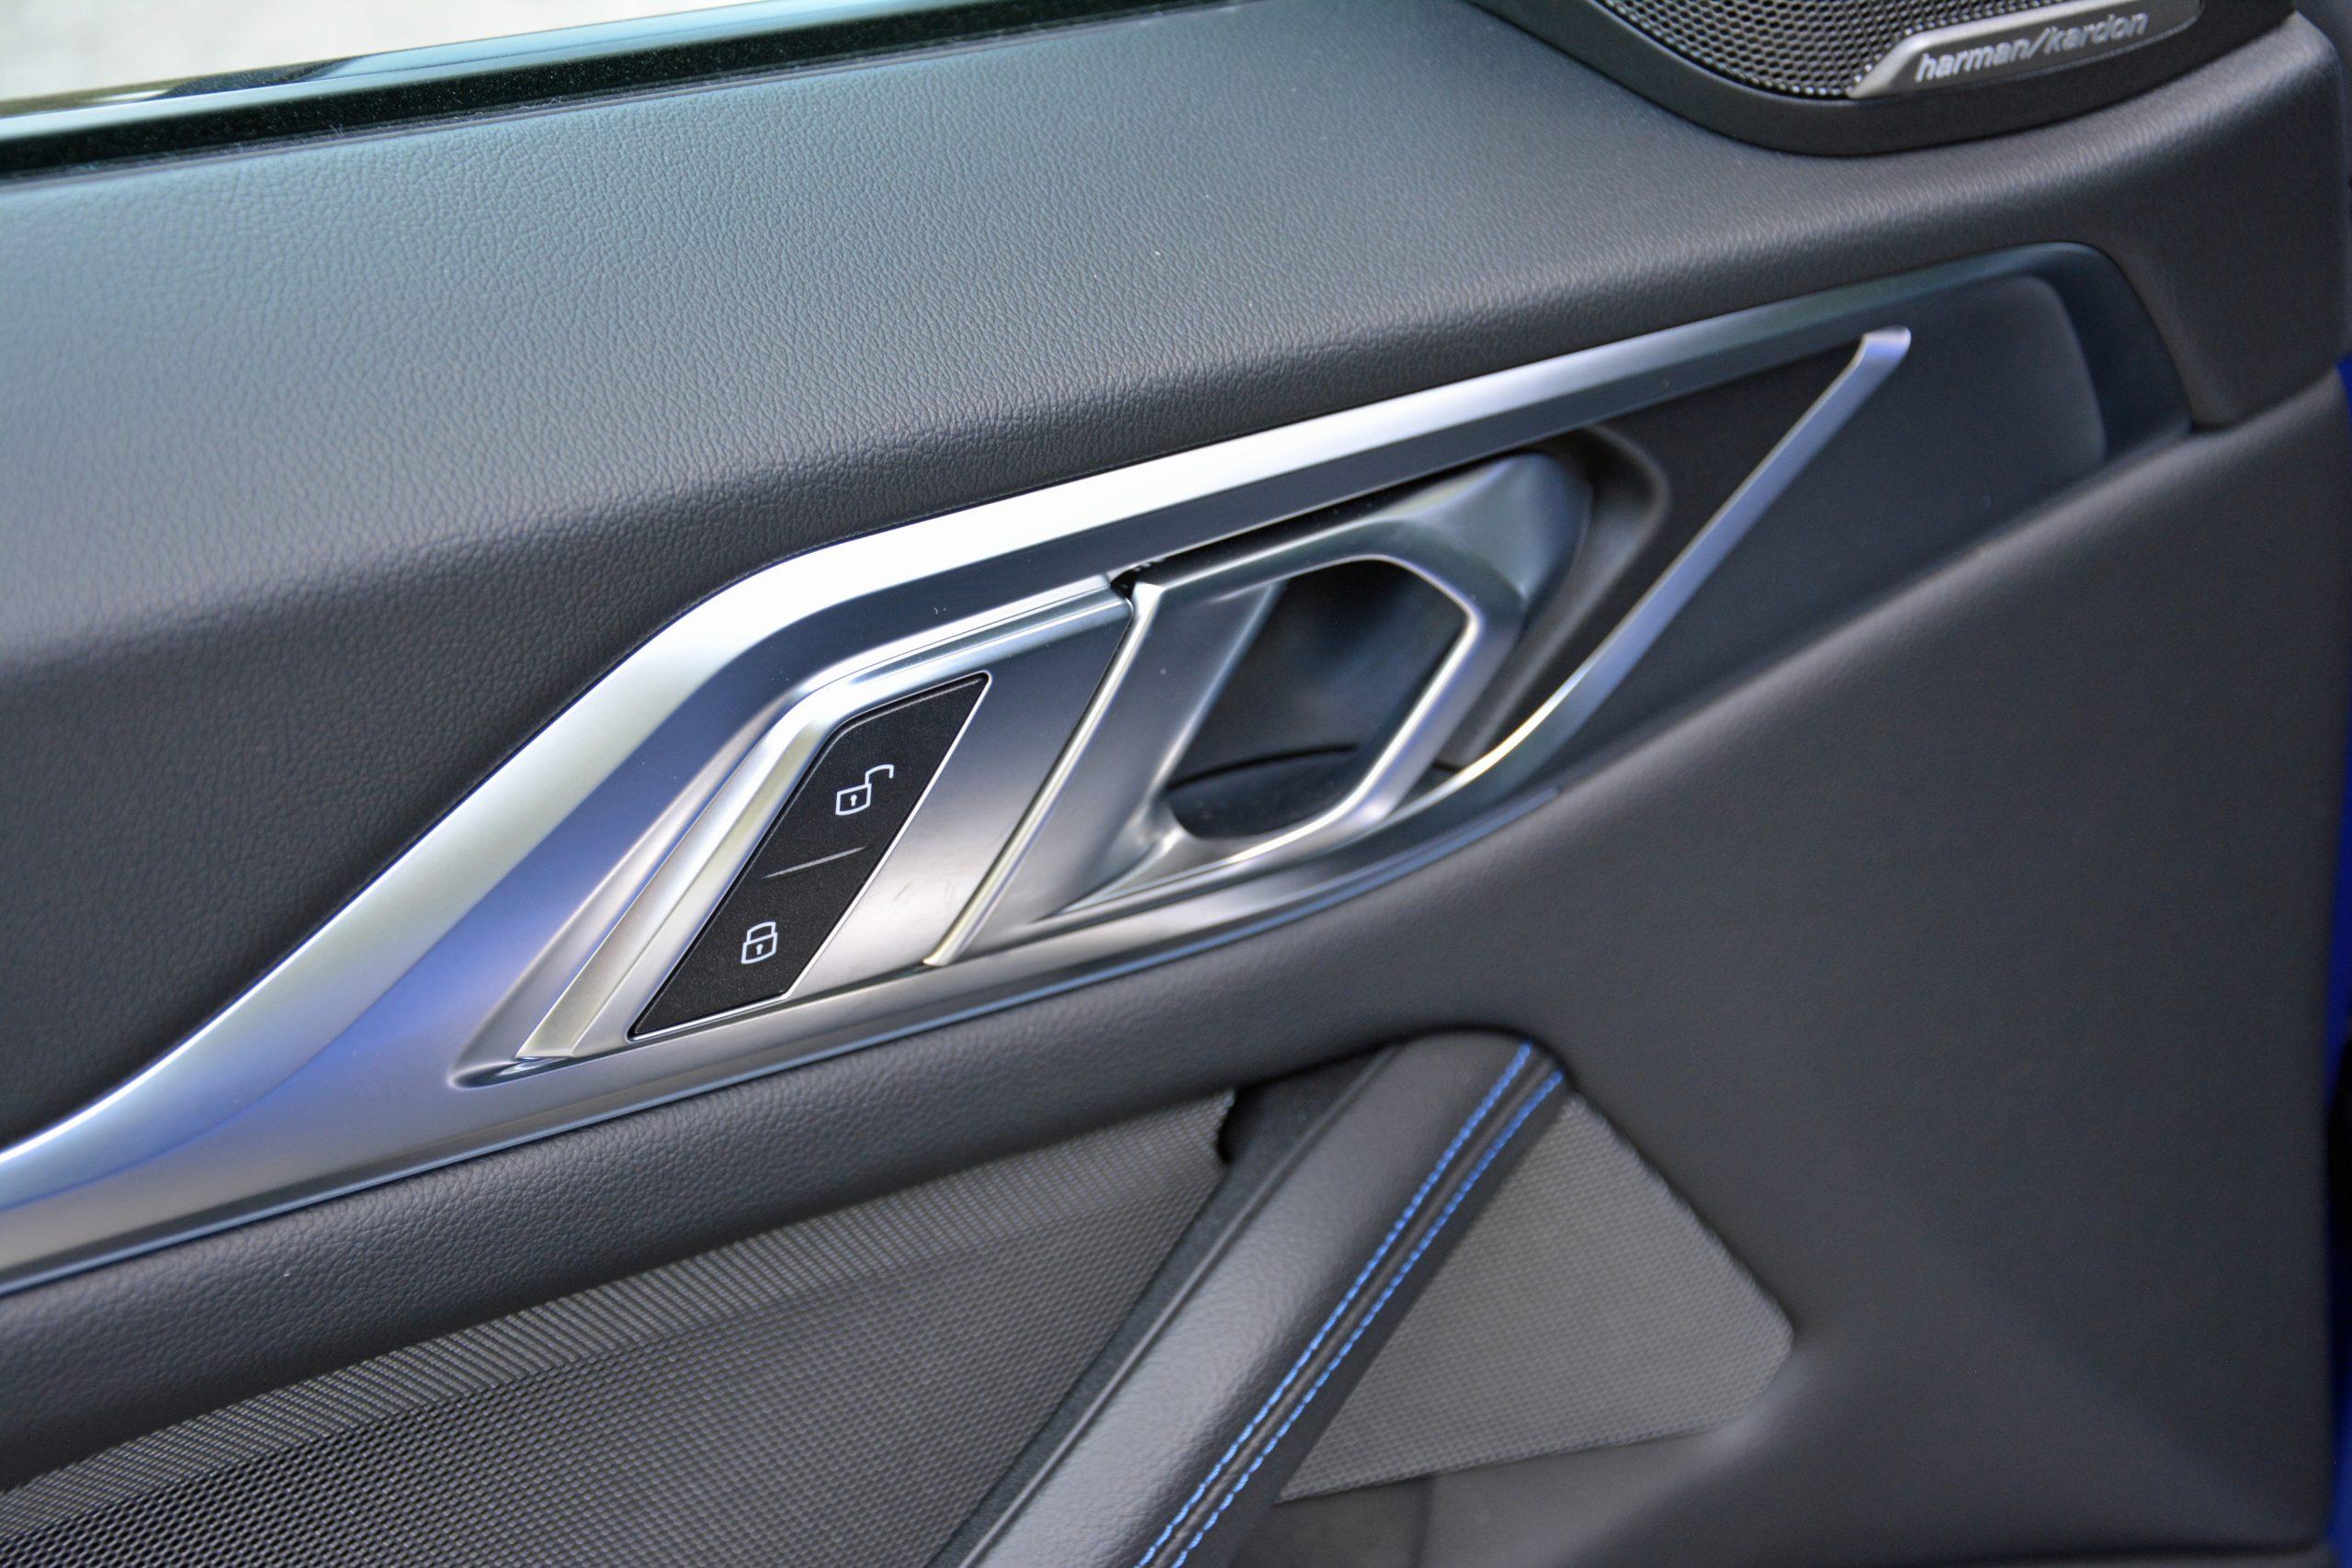 2022 BMW i4 M50 interior door handle details